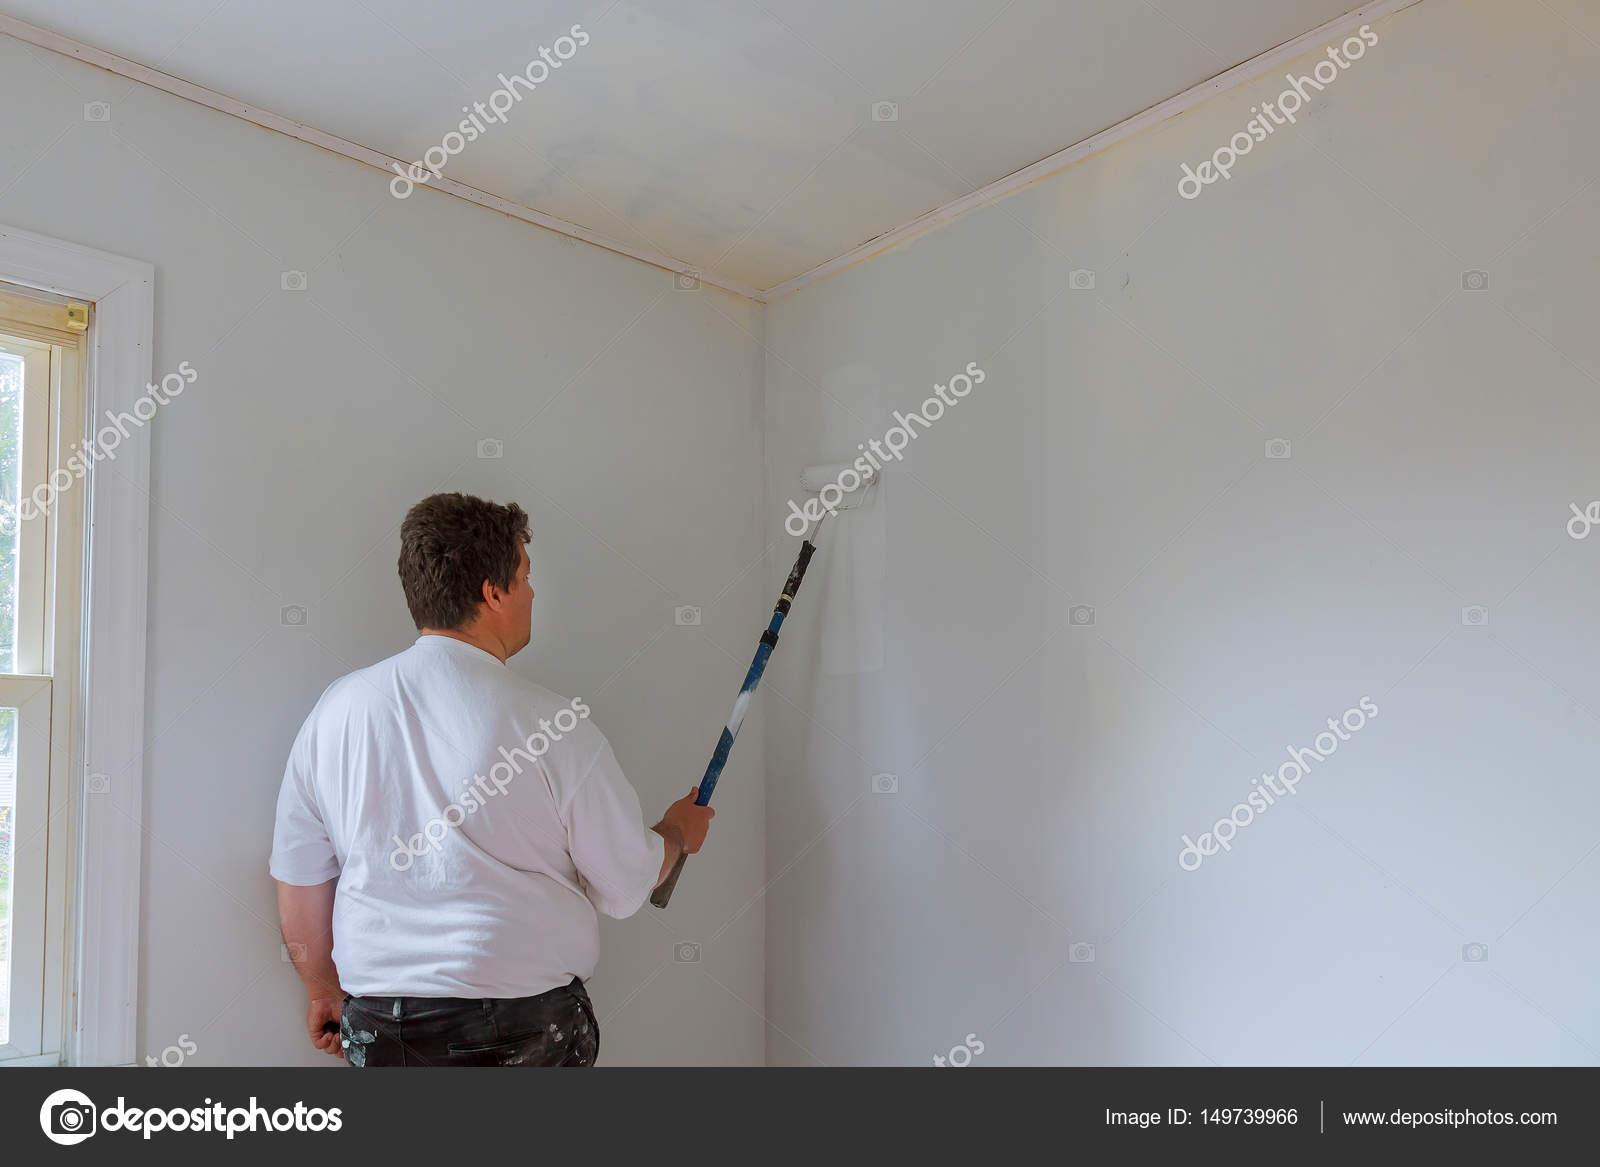 Malarz Człowieka W Pracy Z Wałkiem I Wiaderko ściany Malowanie